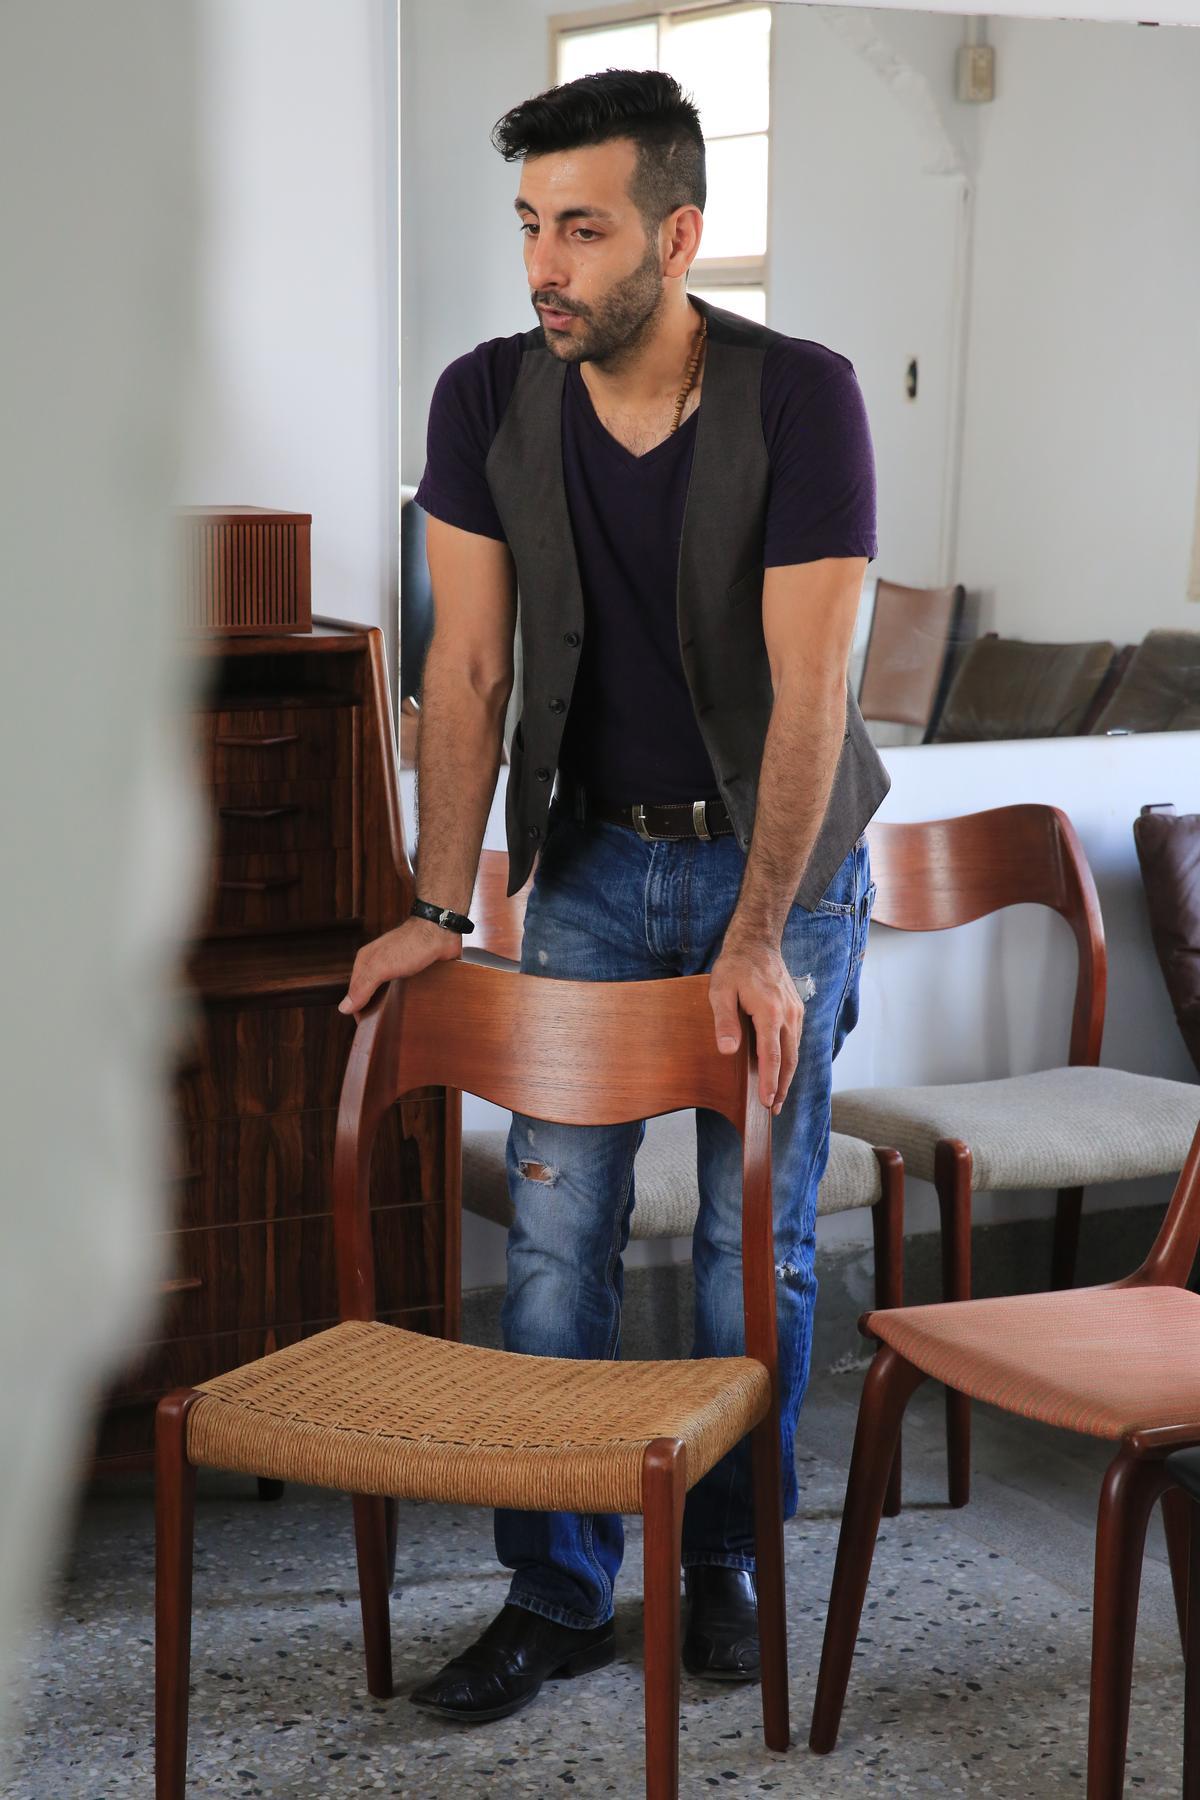 這一張編織木椅來自老奶奶,Diego聊起登門拜訪的情景。